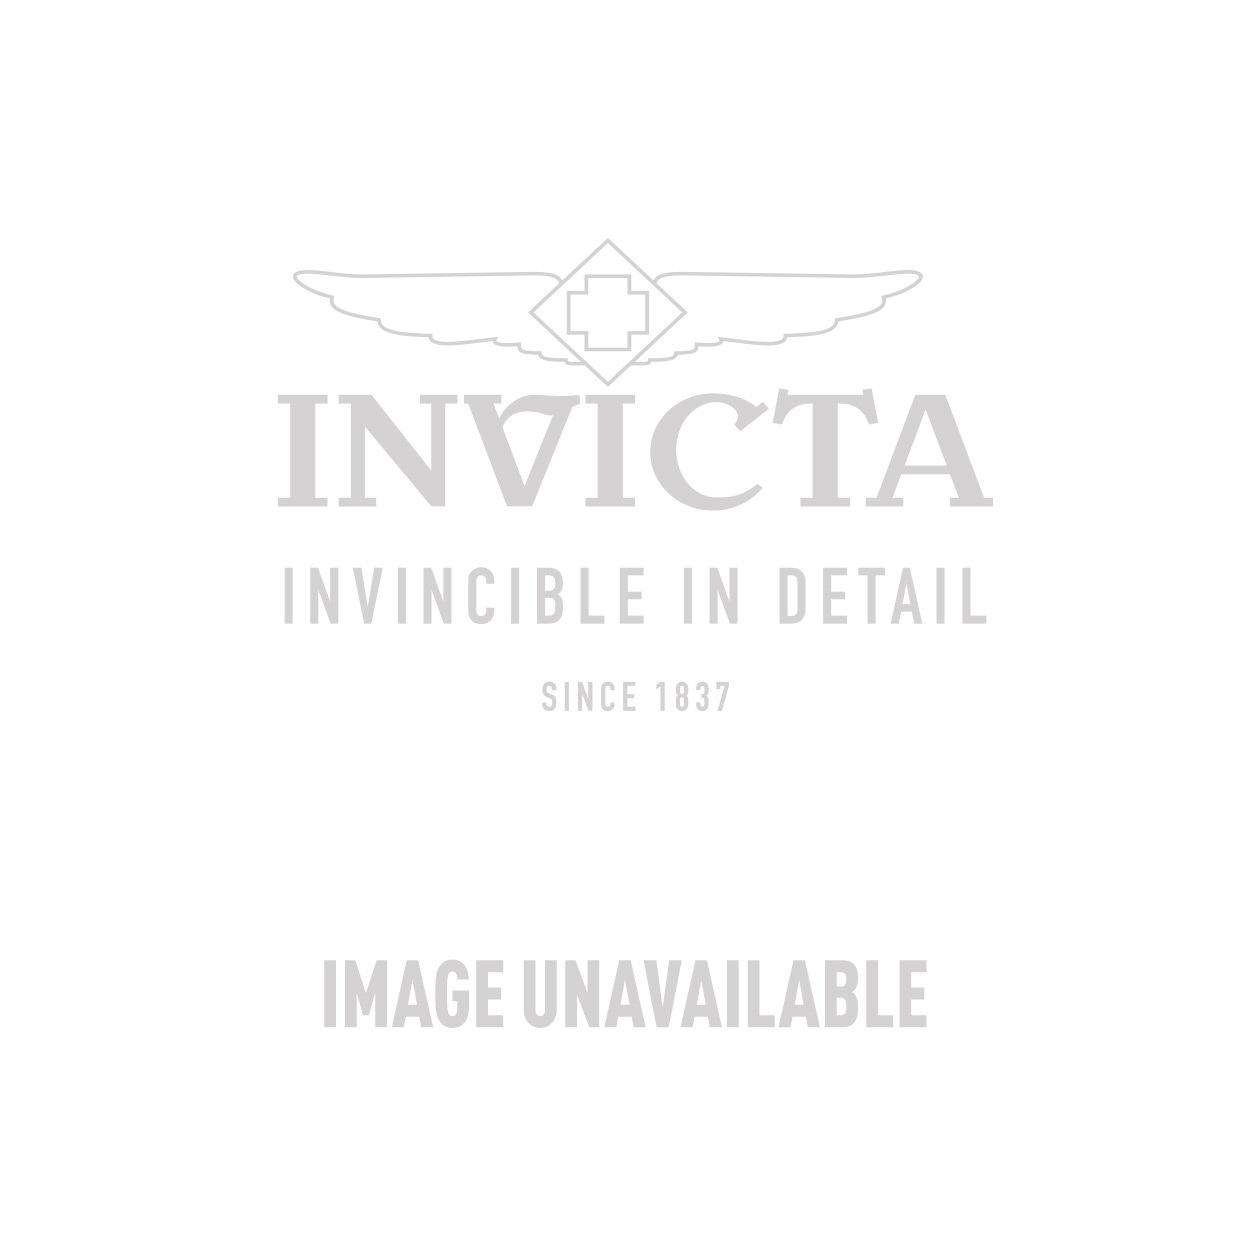 Invicta Model 25528